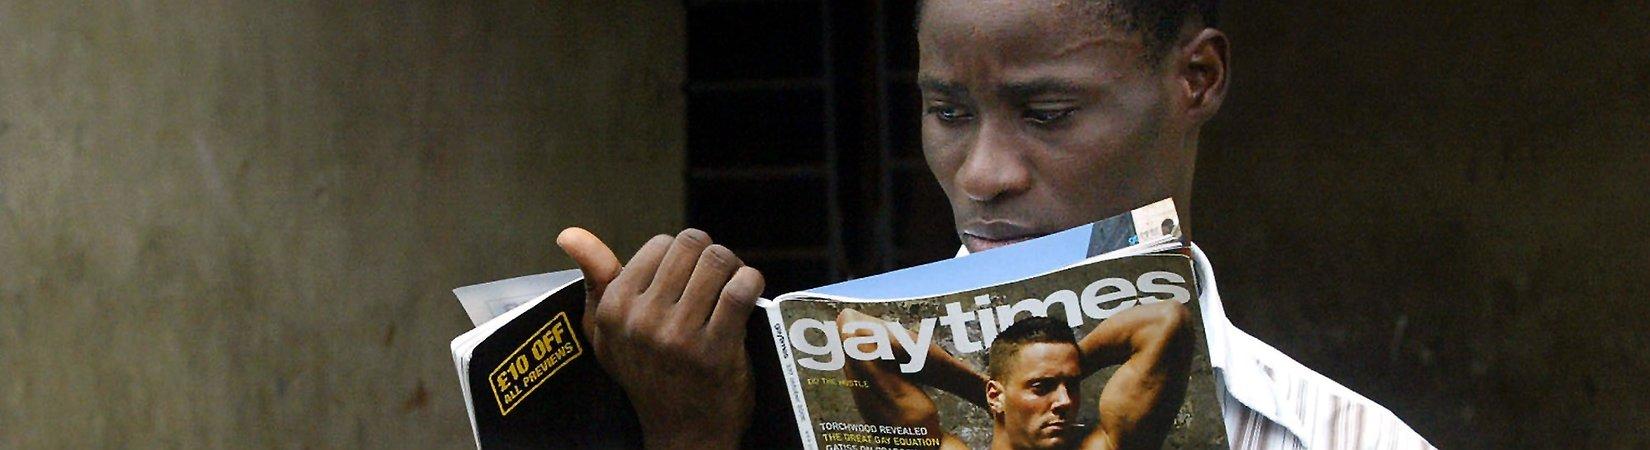 10 países que castigan la homosexualidad con la pena de muerte